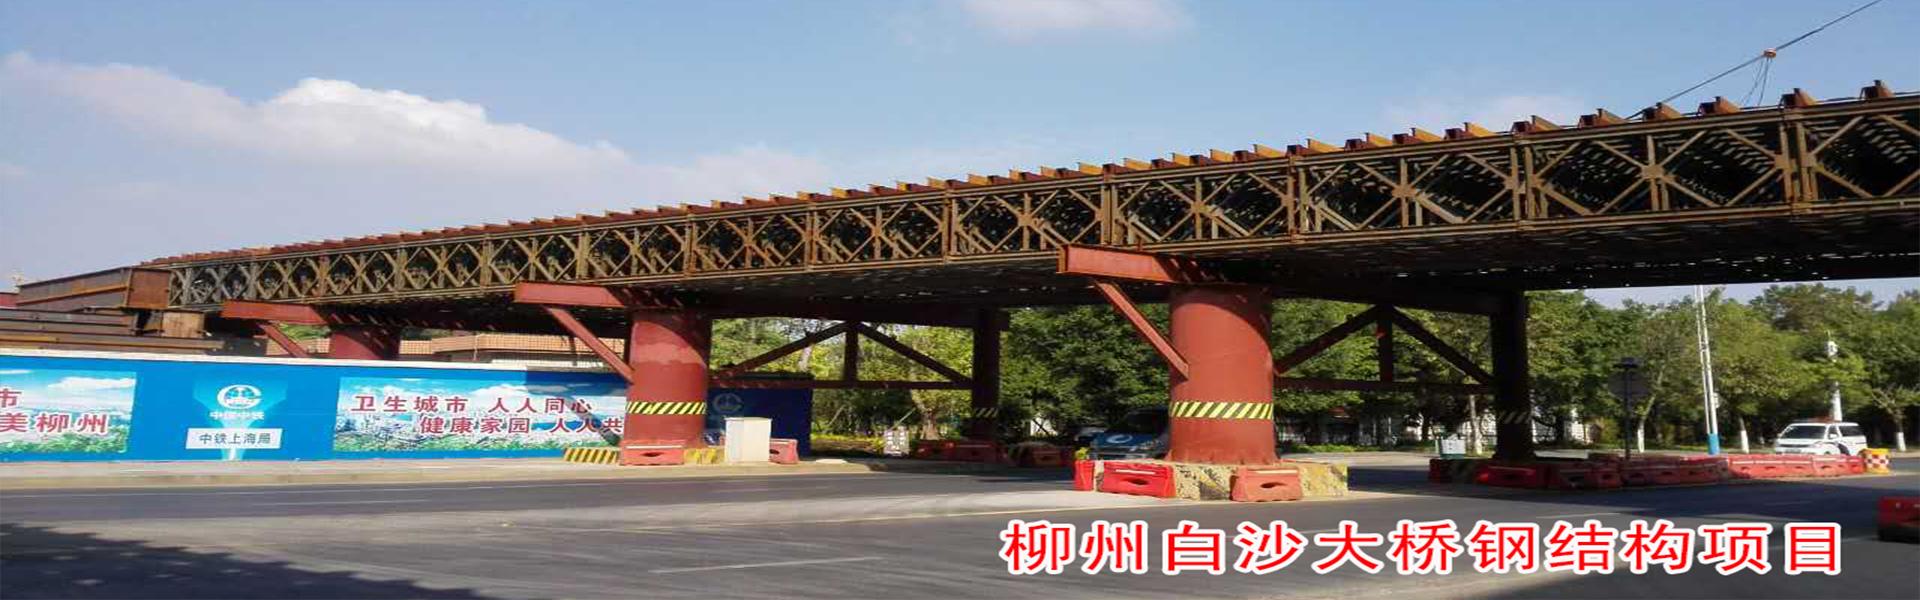 大方集团柳州白沙大桥钢结构项目